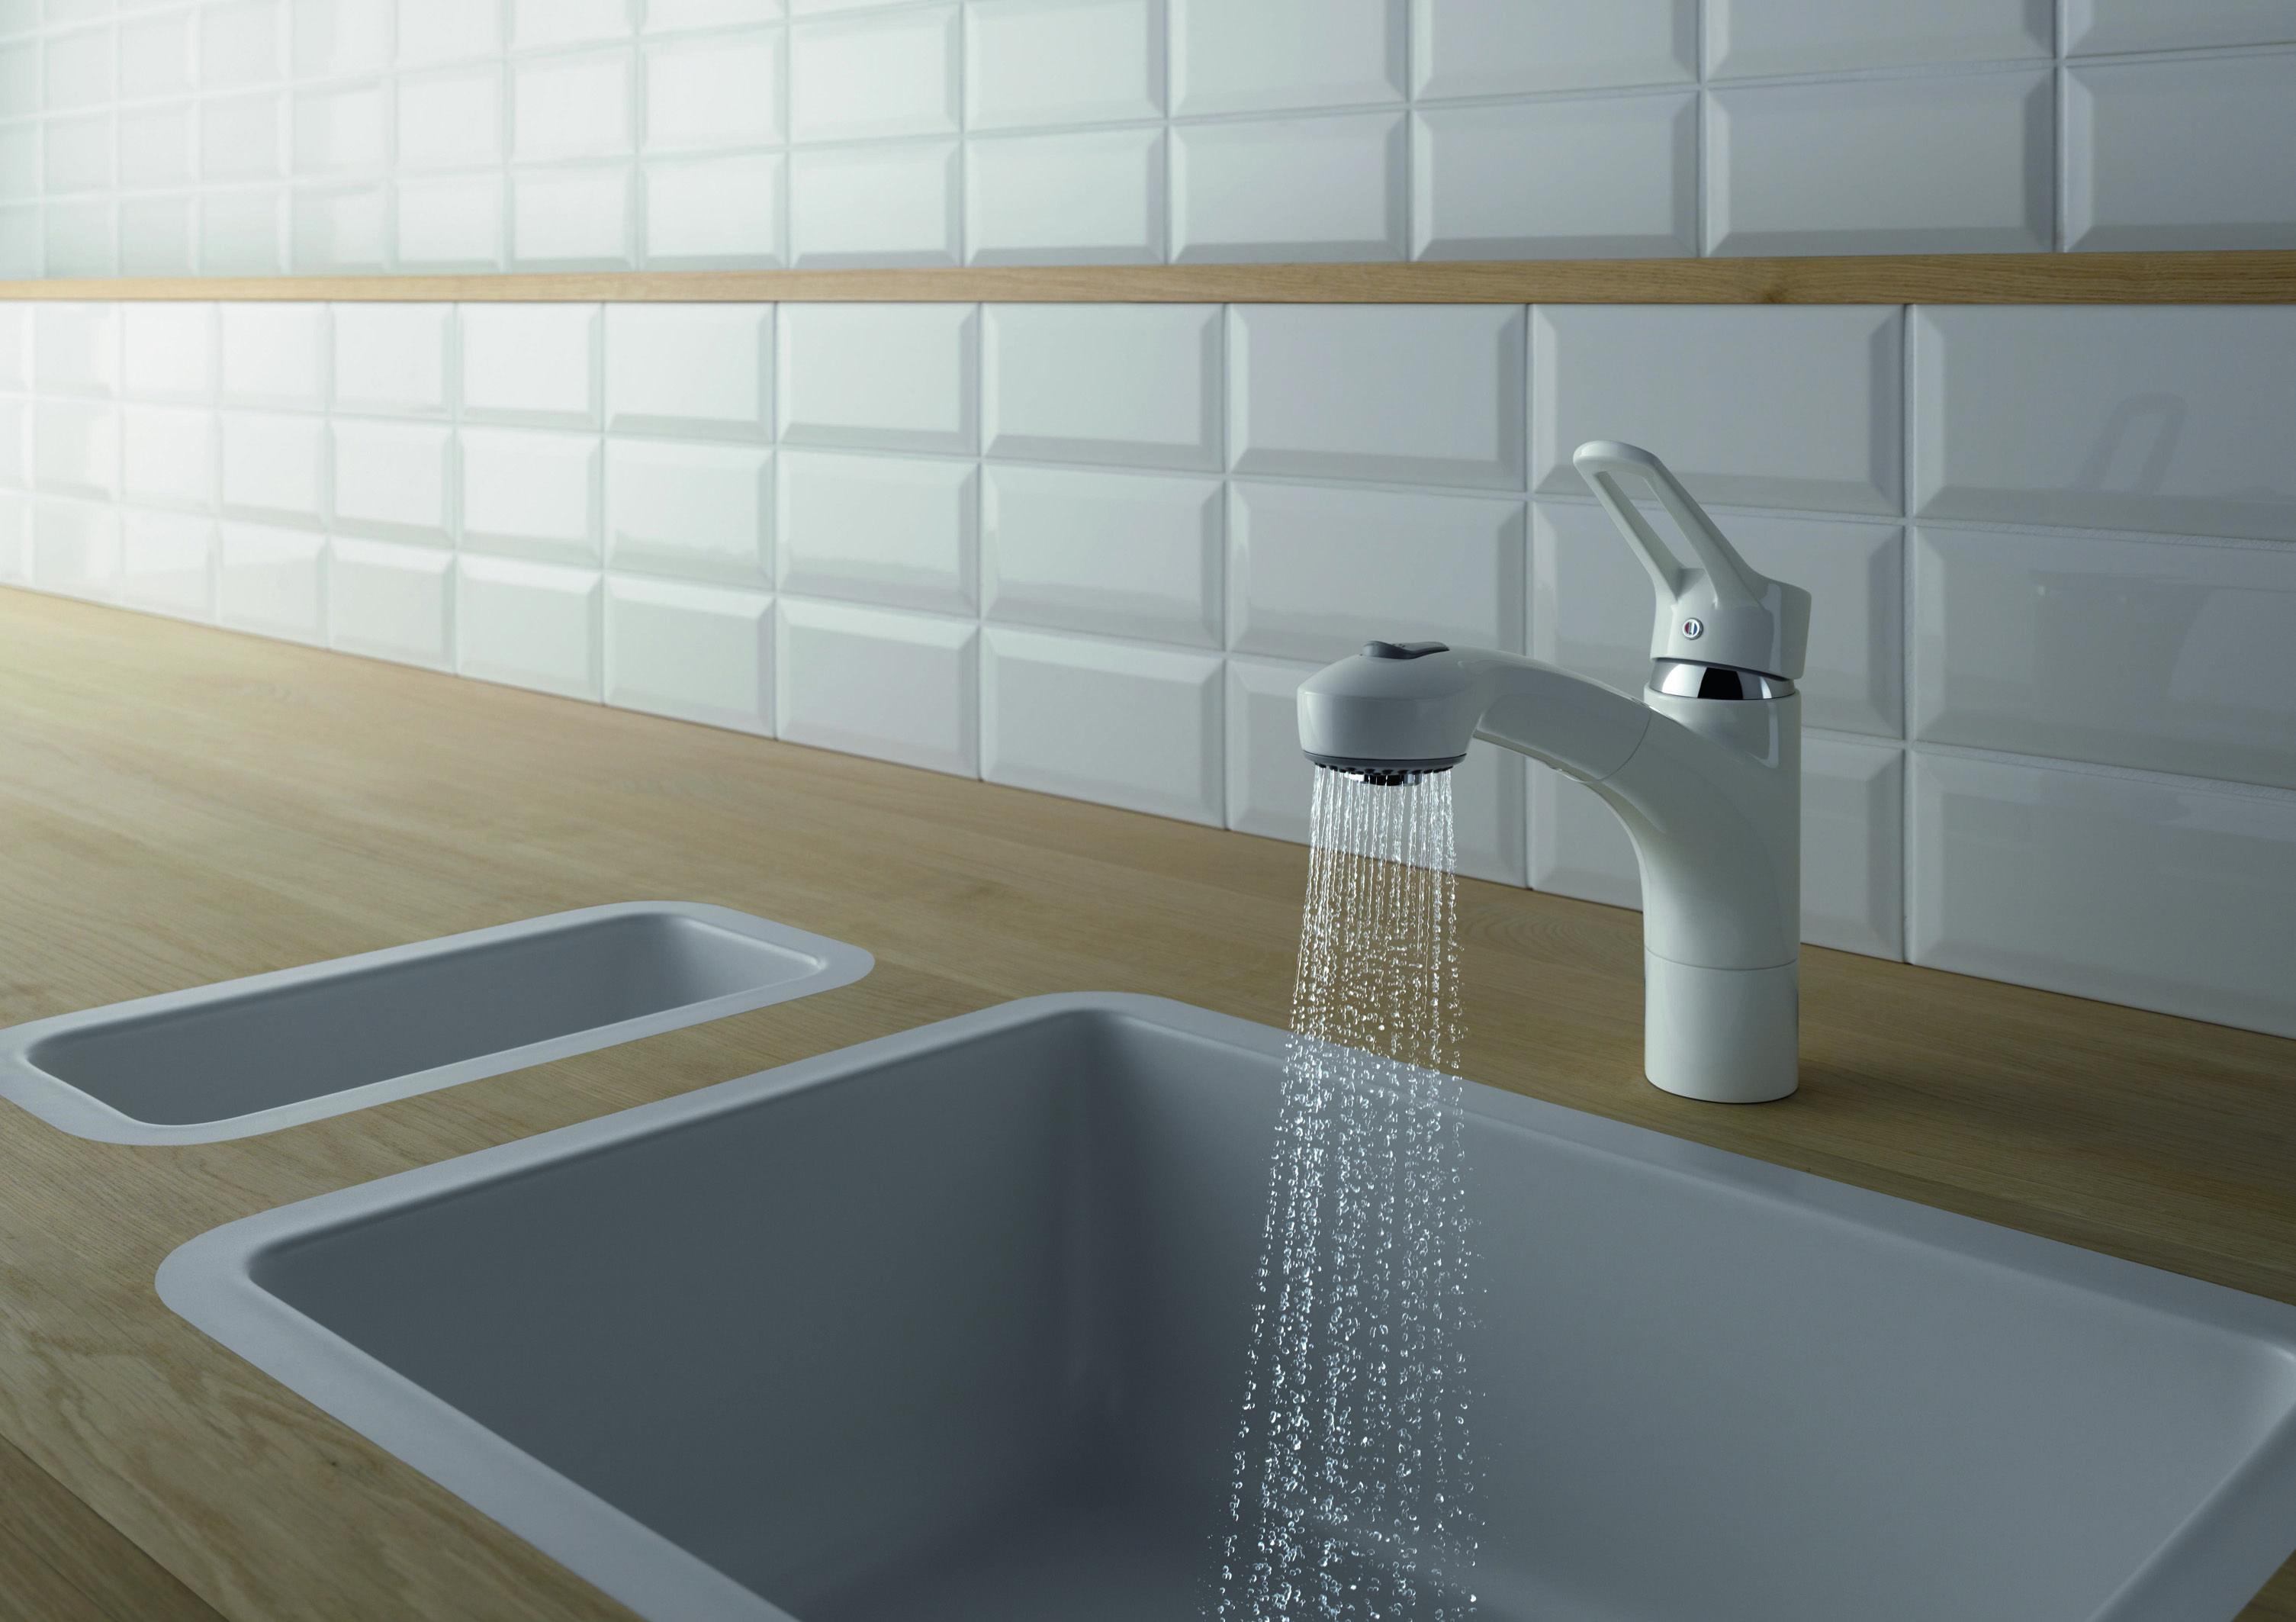 KLUDI MX keukenmengkraan in het wit met een uittrekbare vaatdouche. De wipschakelaar op de vaatdouche zorgt dat vrij tussen de normale waterstraal en de sproeistraal gewisseld kan worden.